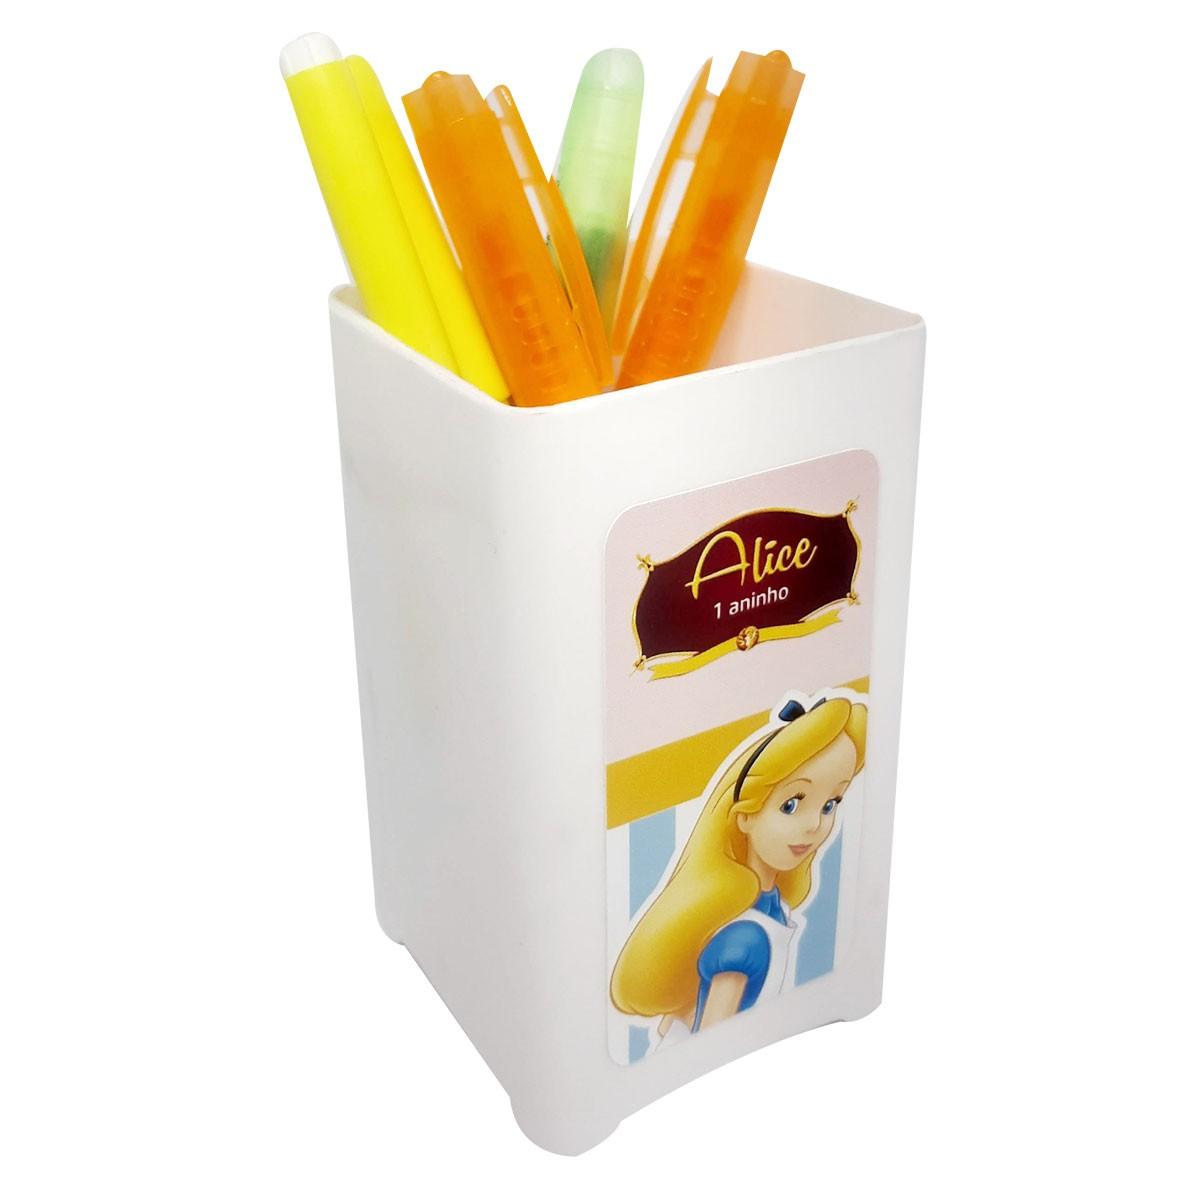 15x Porta Lápis Personalizado - Pacote com 15 unidades